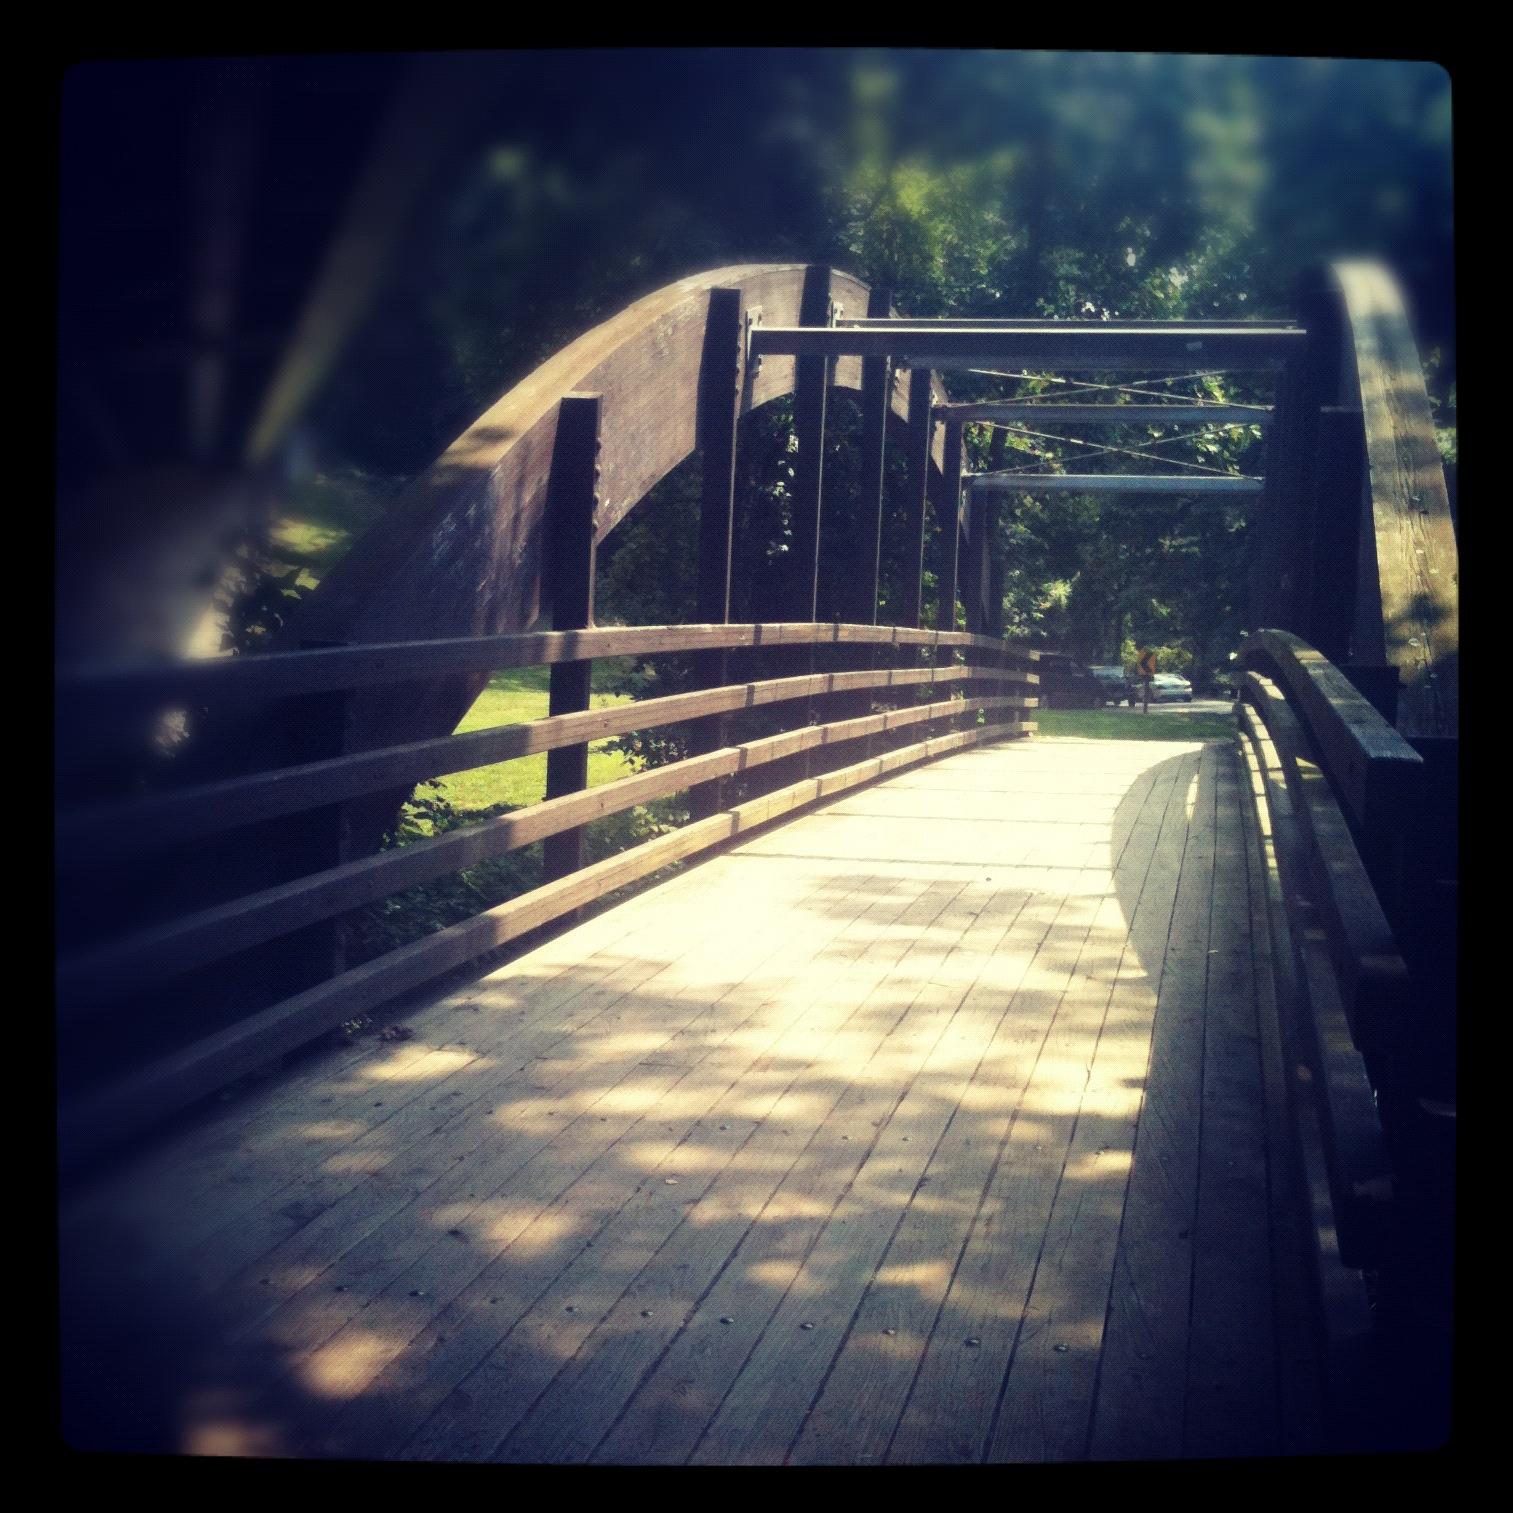 Rock Creek Park, Washington, DC, August 2012